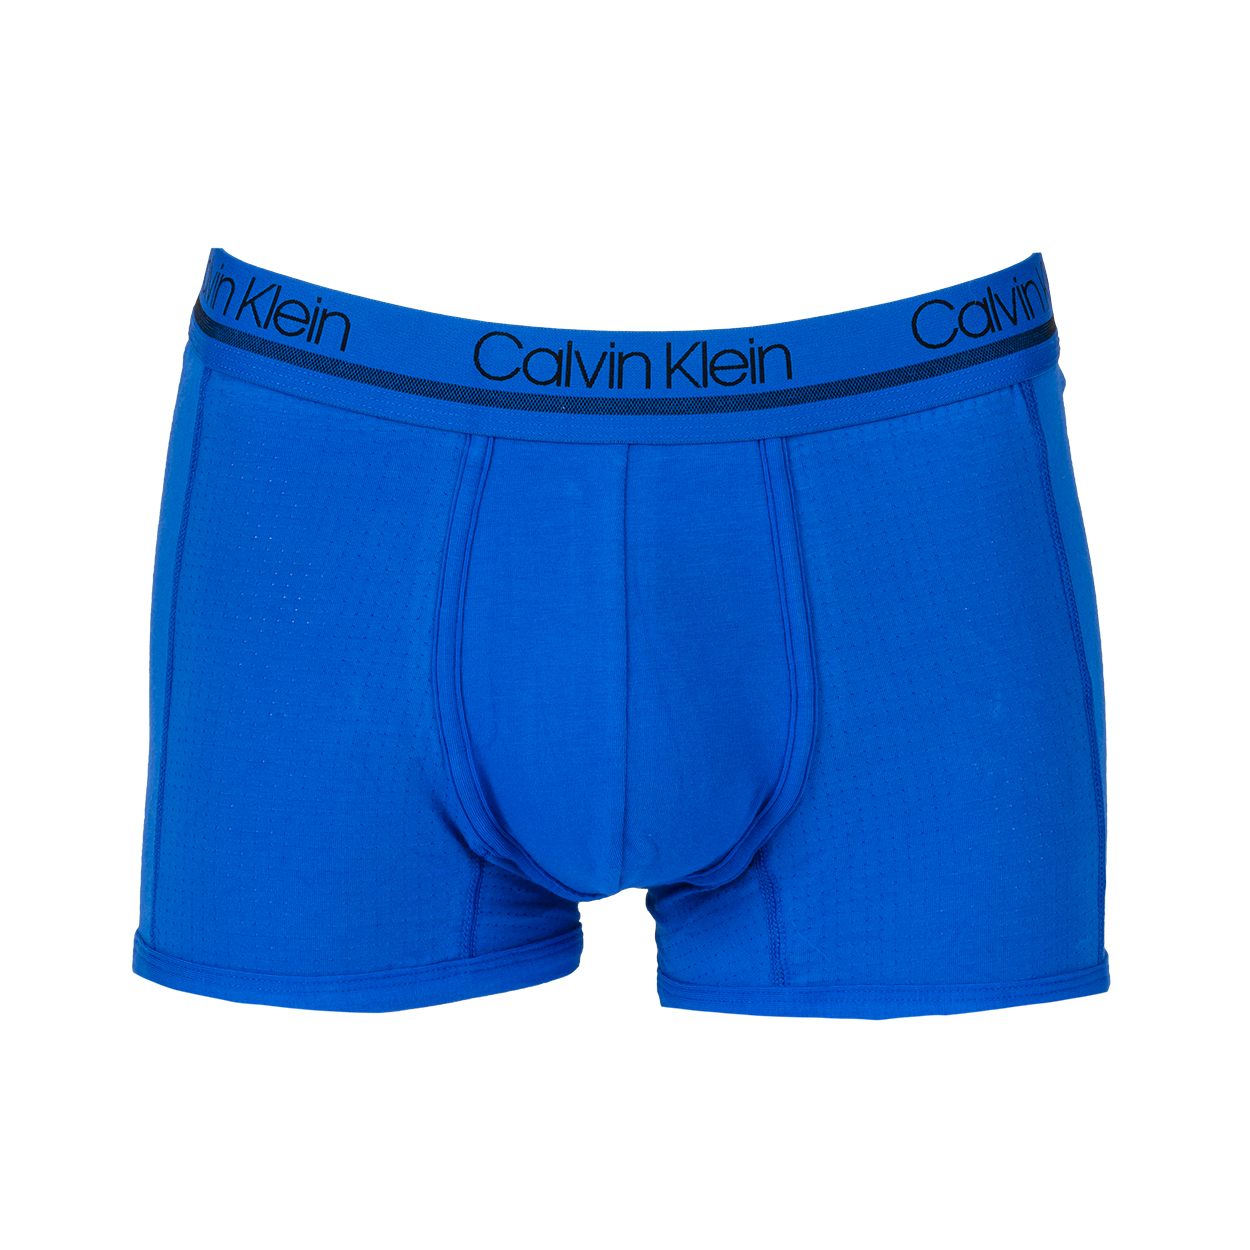 Boxer calvin klein en coton stretch bleu